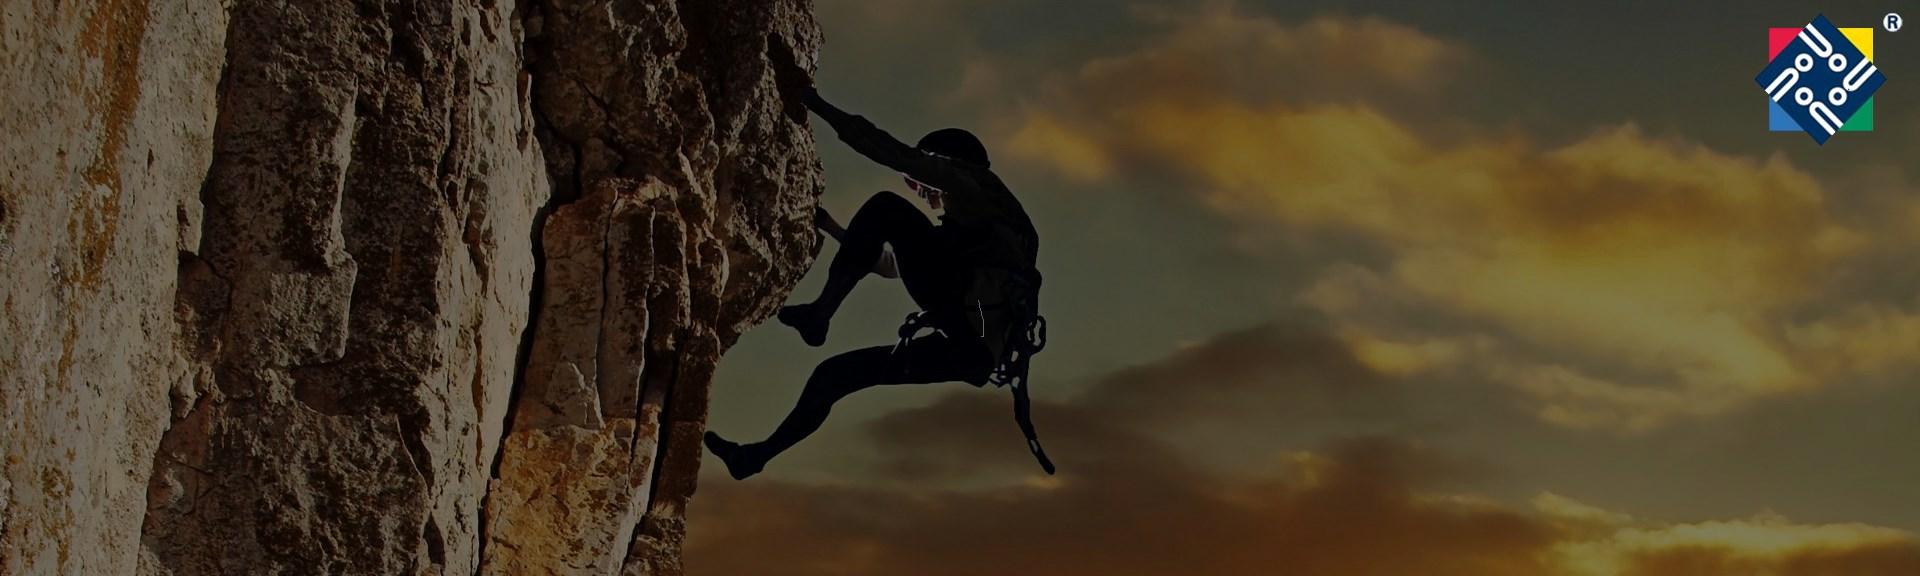 climbing7-1920-x-576